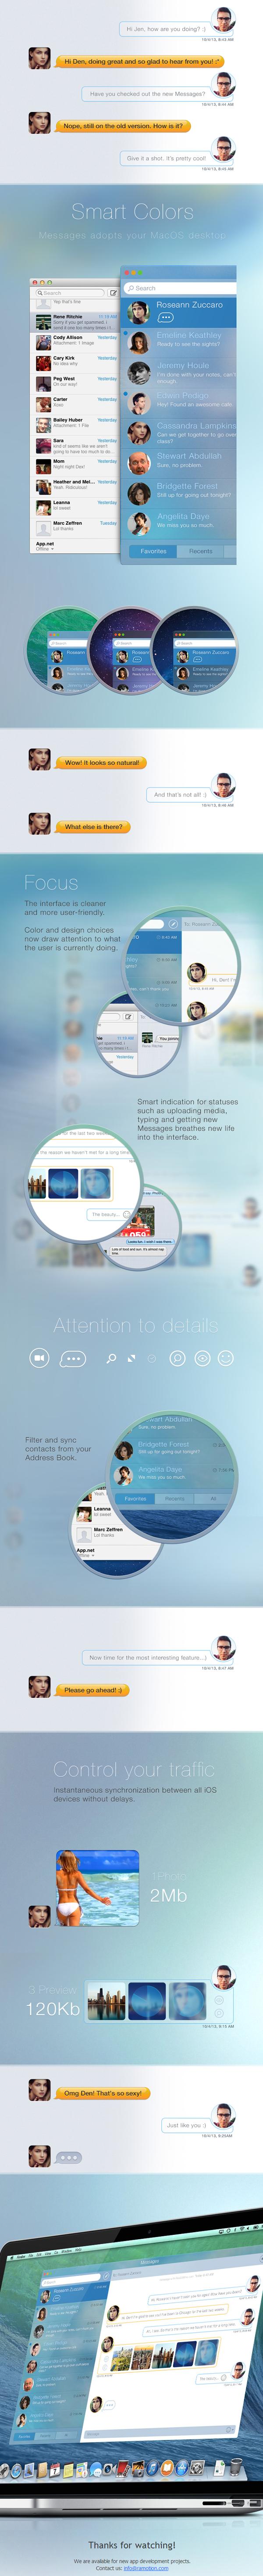 Messages app concept 1